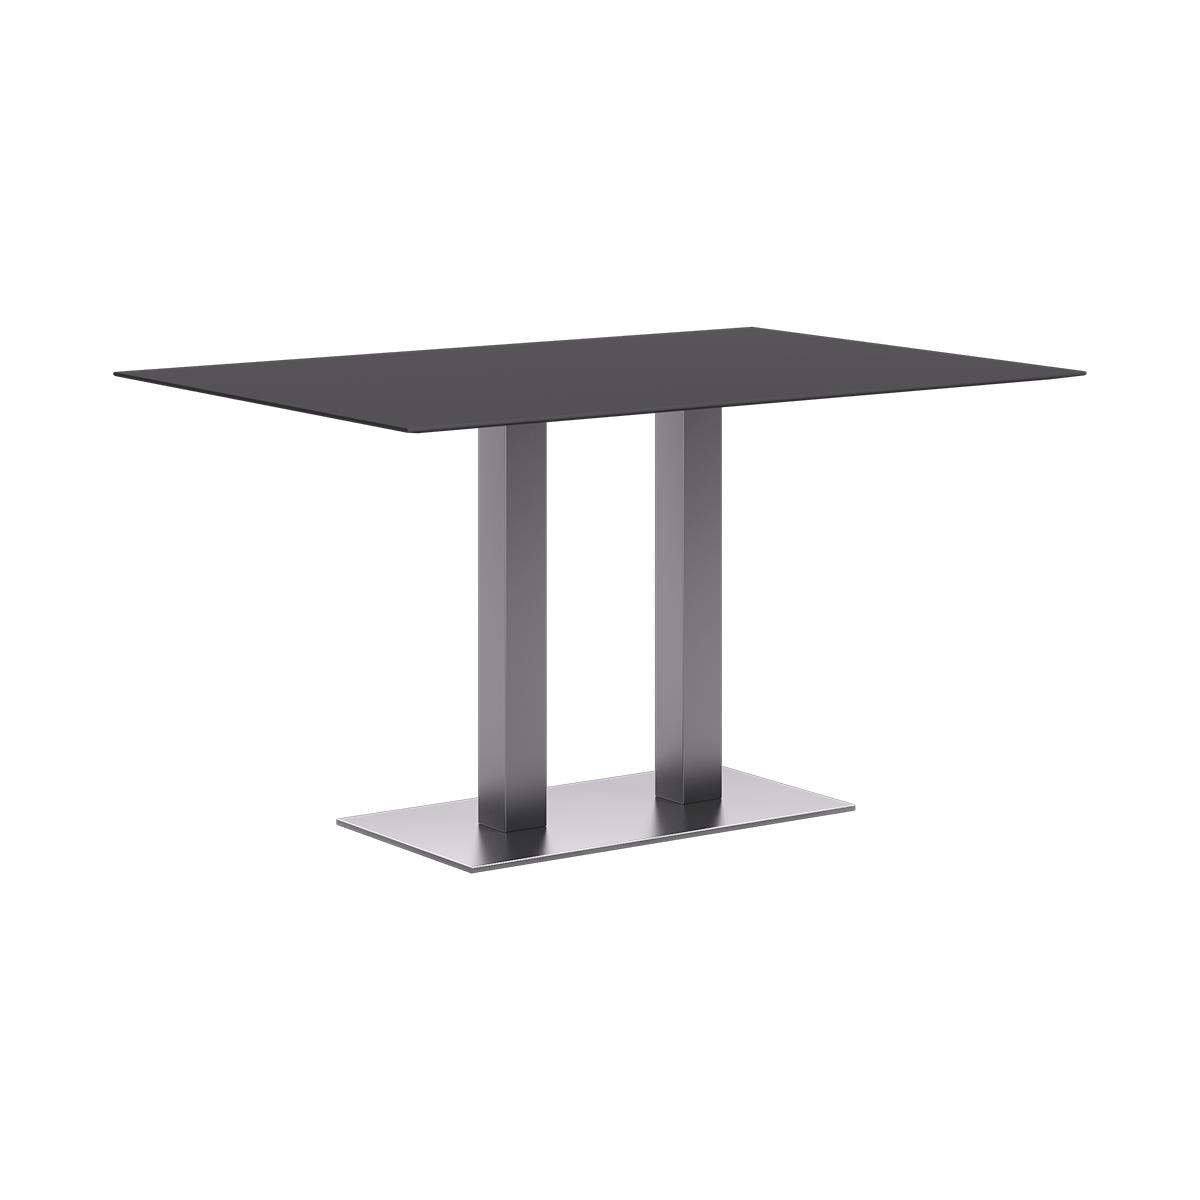 Trend-D Base table - на 360.ru: цены, описание, характеристики, где купить в Москве.